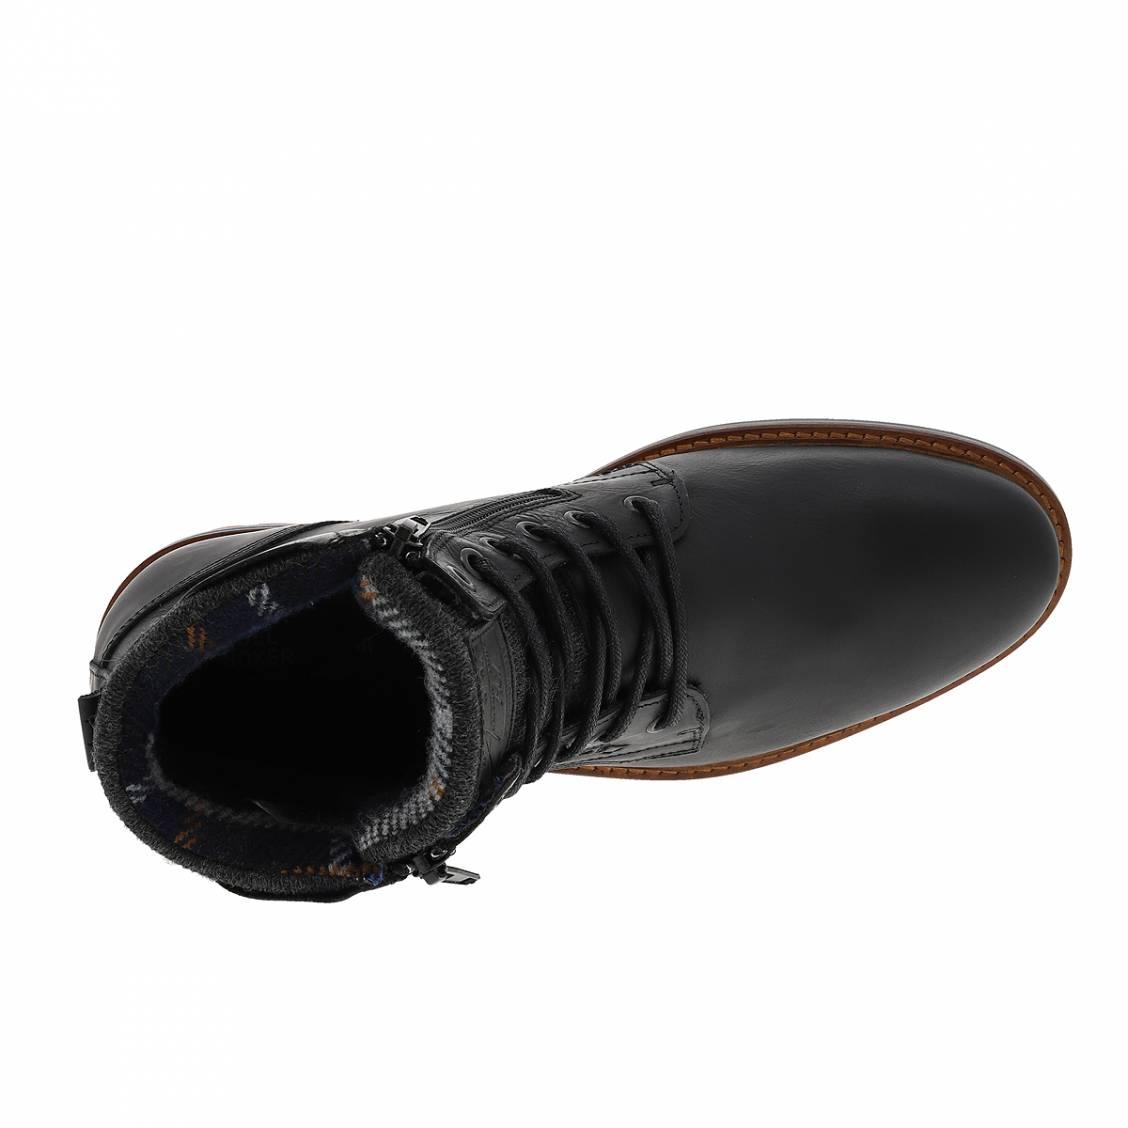 bleu doublure en marineRue en noir Hommes cuir montantes Des Chaussures Bullboxer à laine UpqVSzM